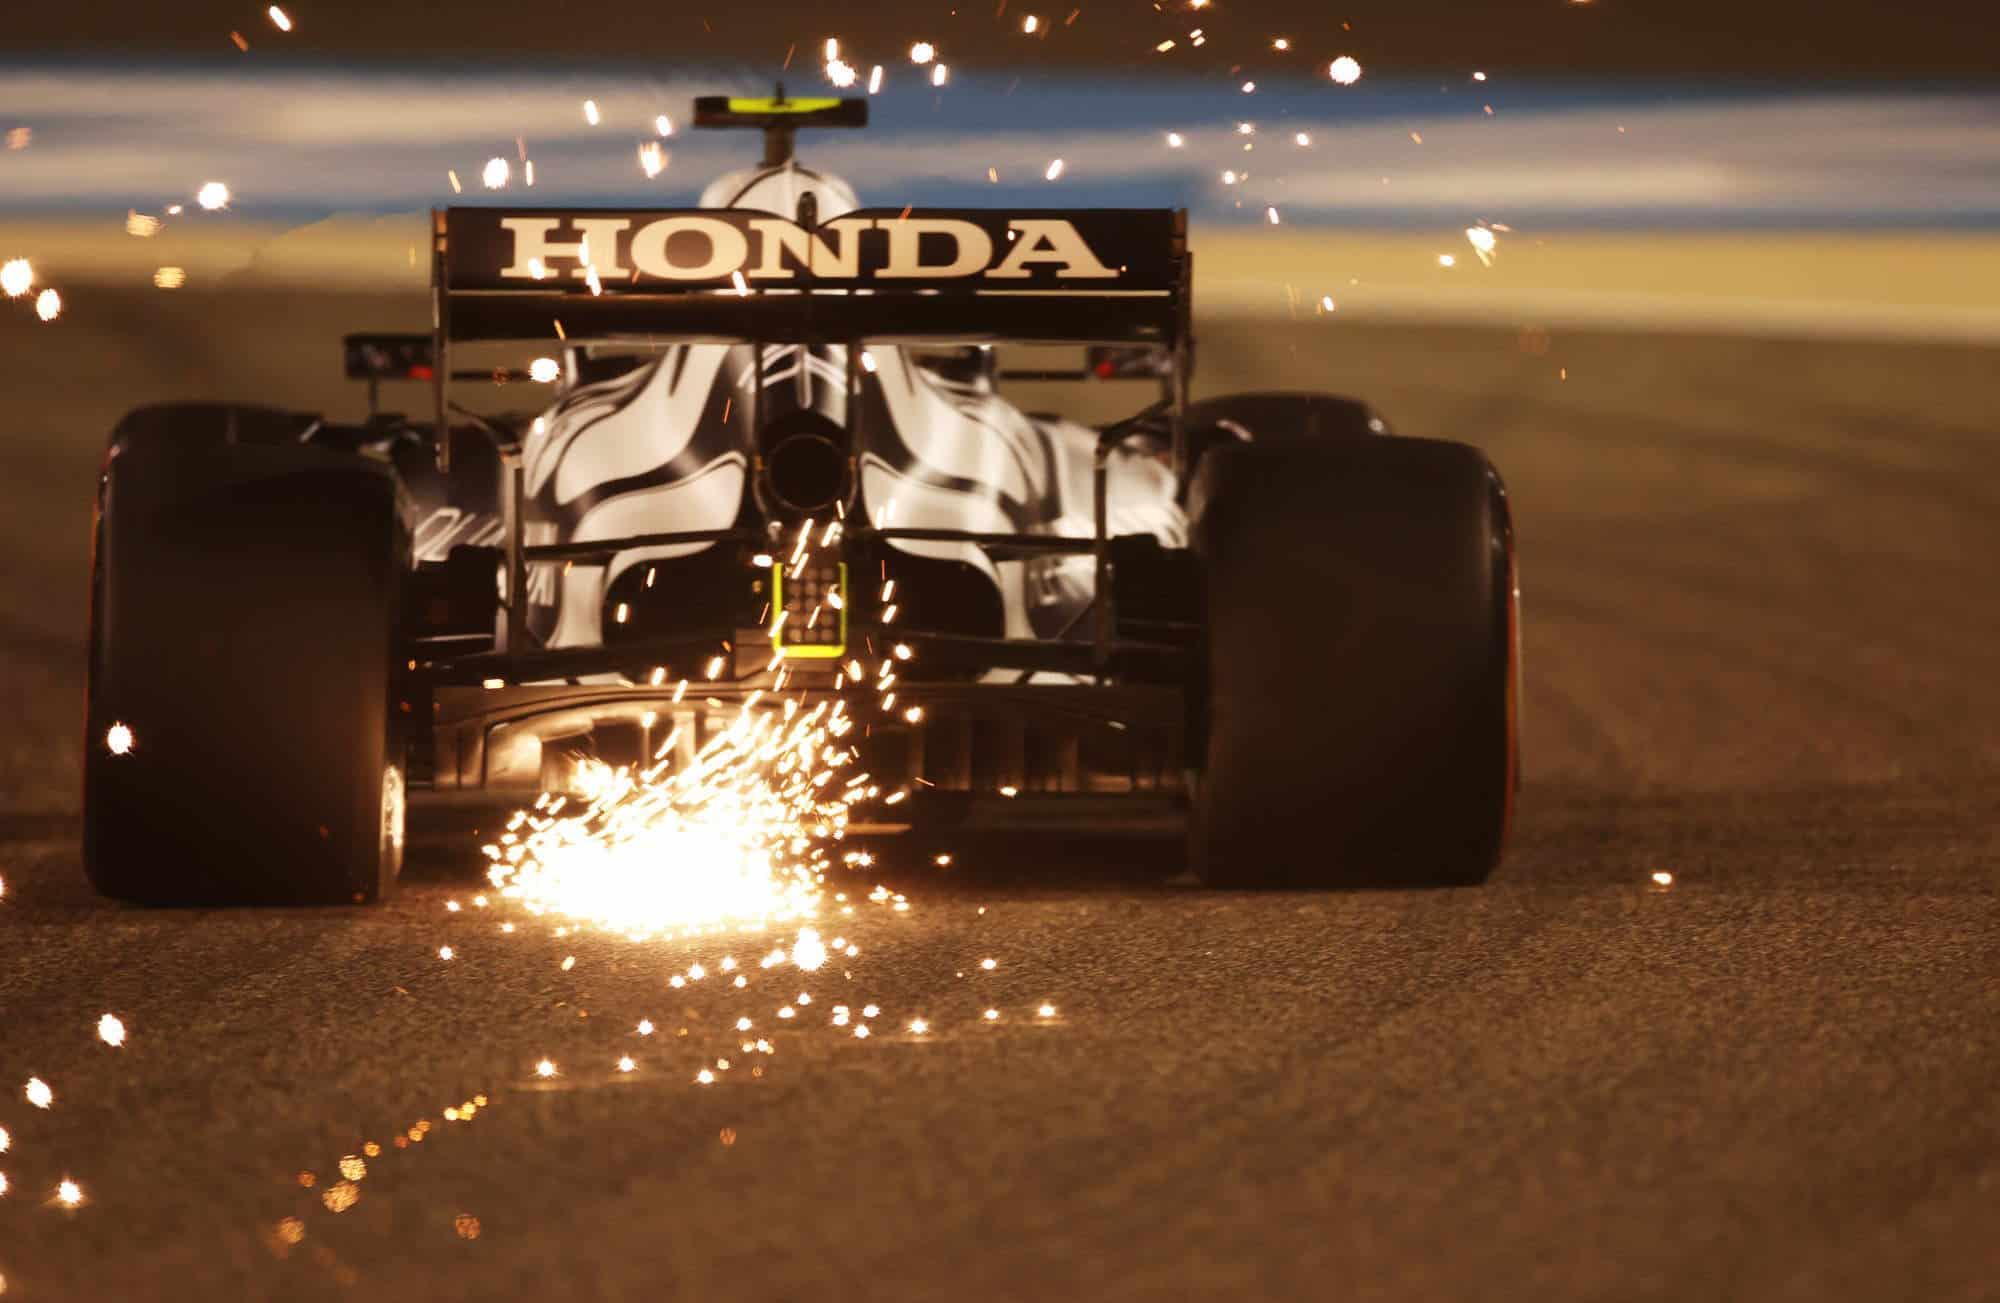 2021 Bahrain GP Gasly AlphaTauri Honda rear end diffuser sparks fly Photo Red Bull